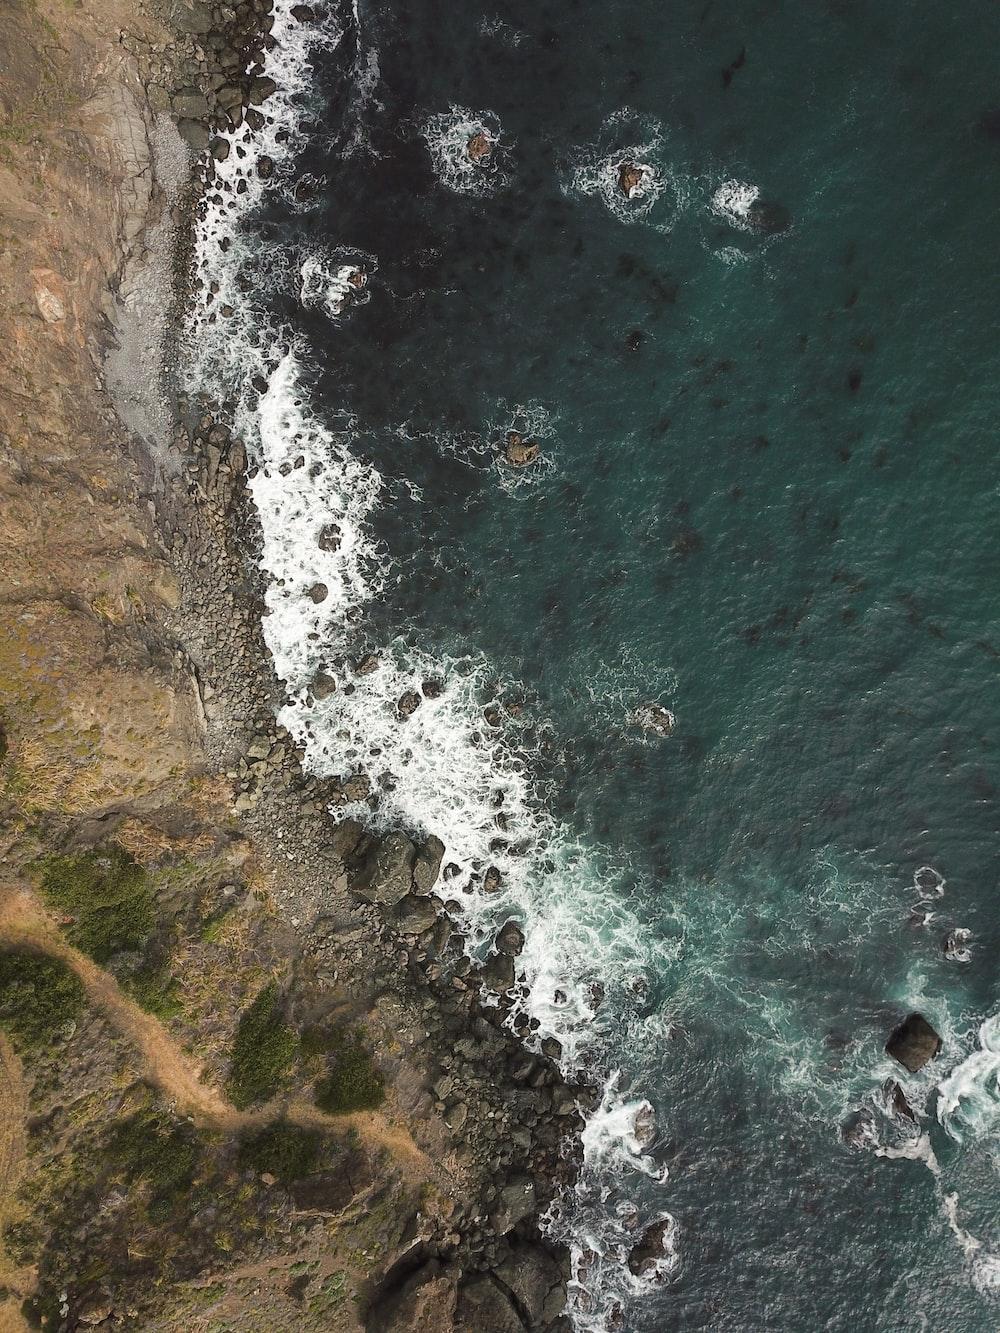 water smashing on rocks near cliff during daytime